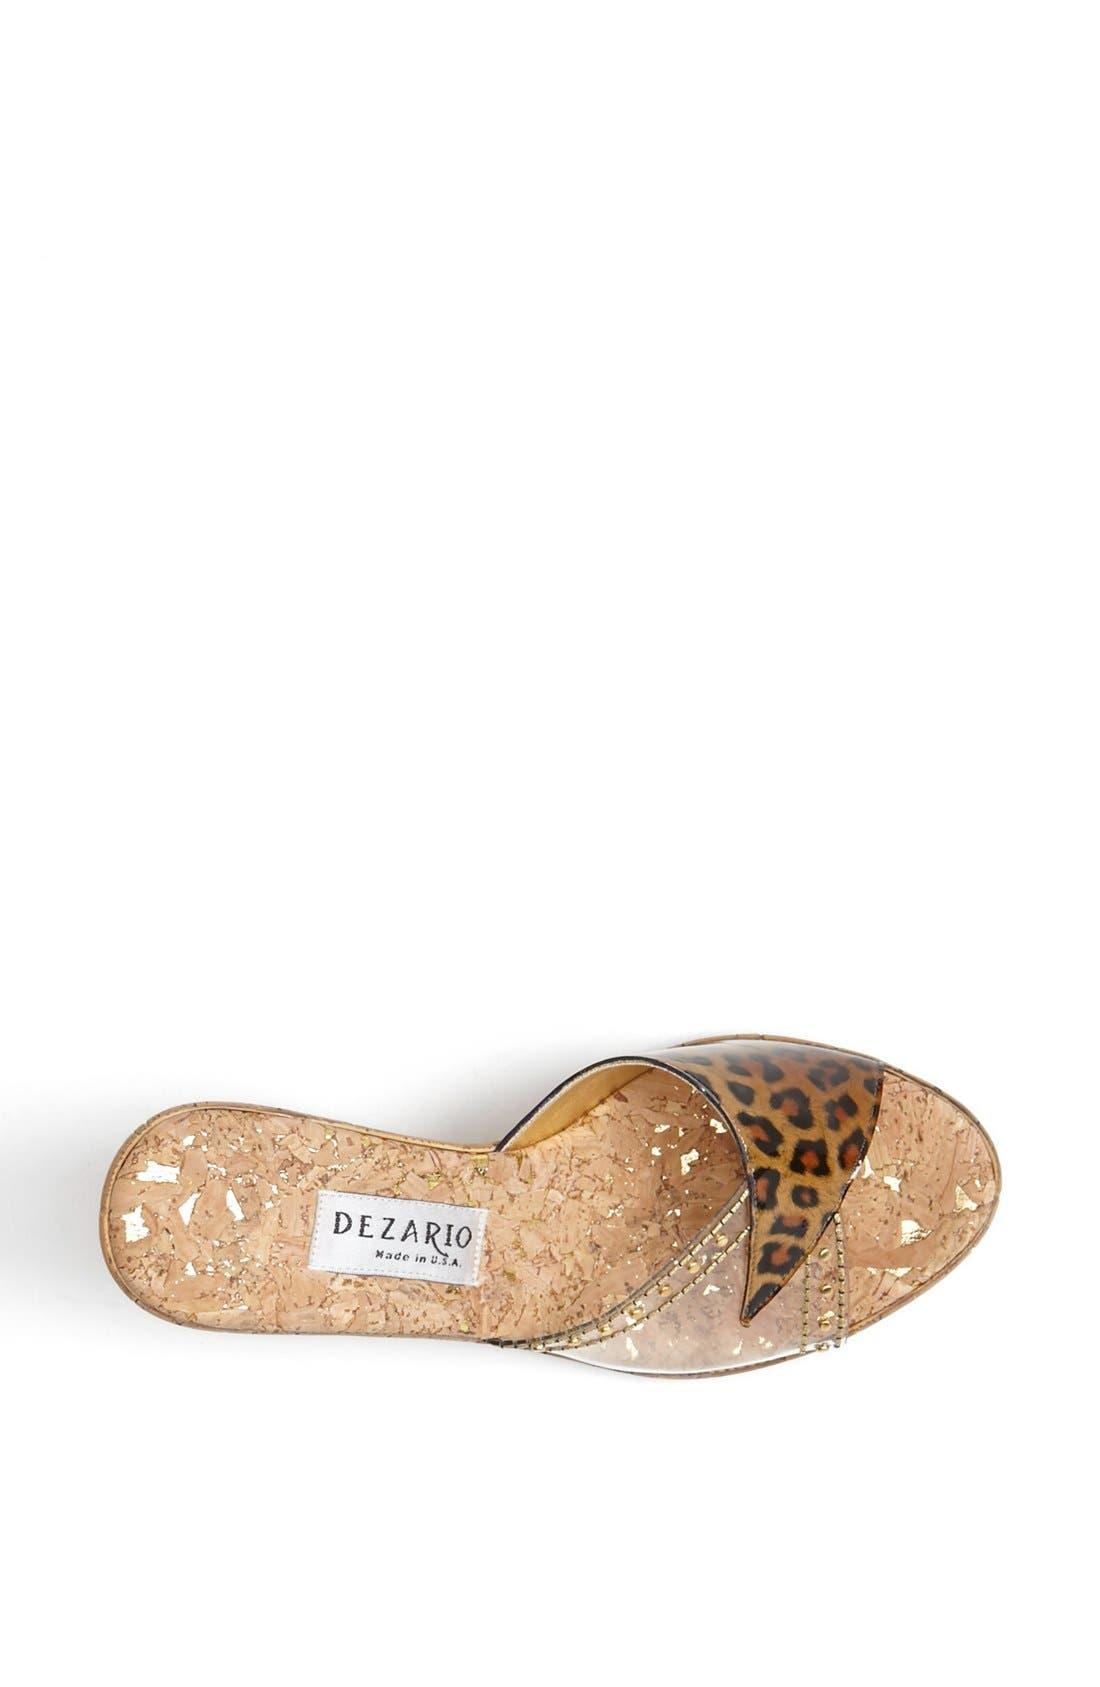 Alternate Image 3  - Dezario 'Laguna' Sandal